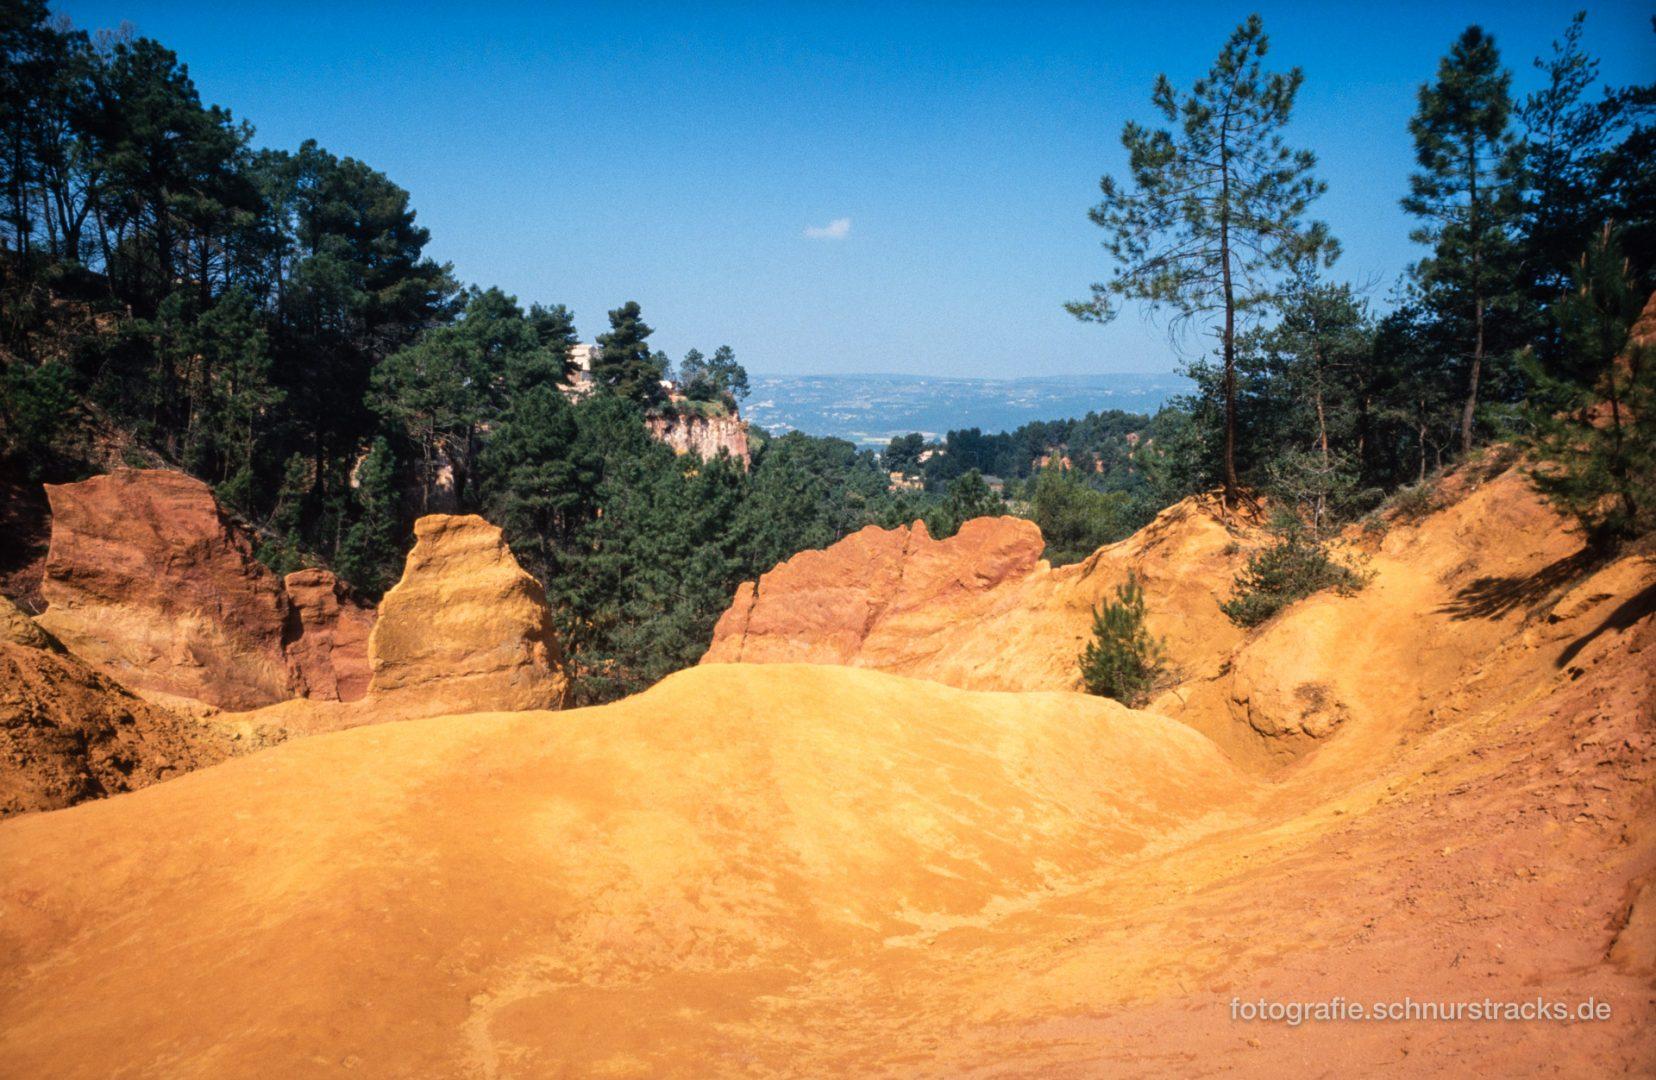 Roussillon - Ockerfelsen - Le Sentier des Ocres #0675